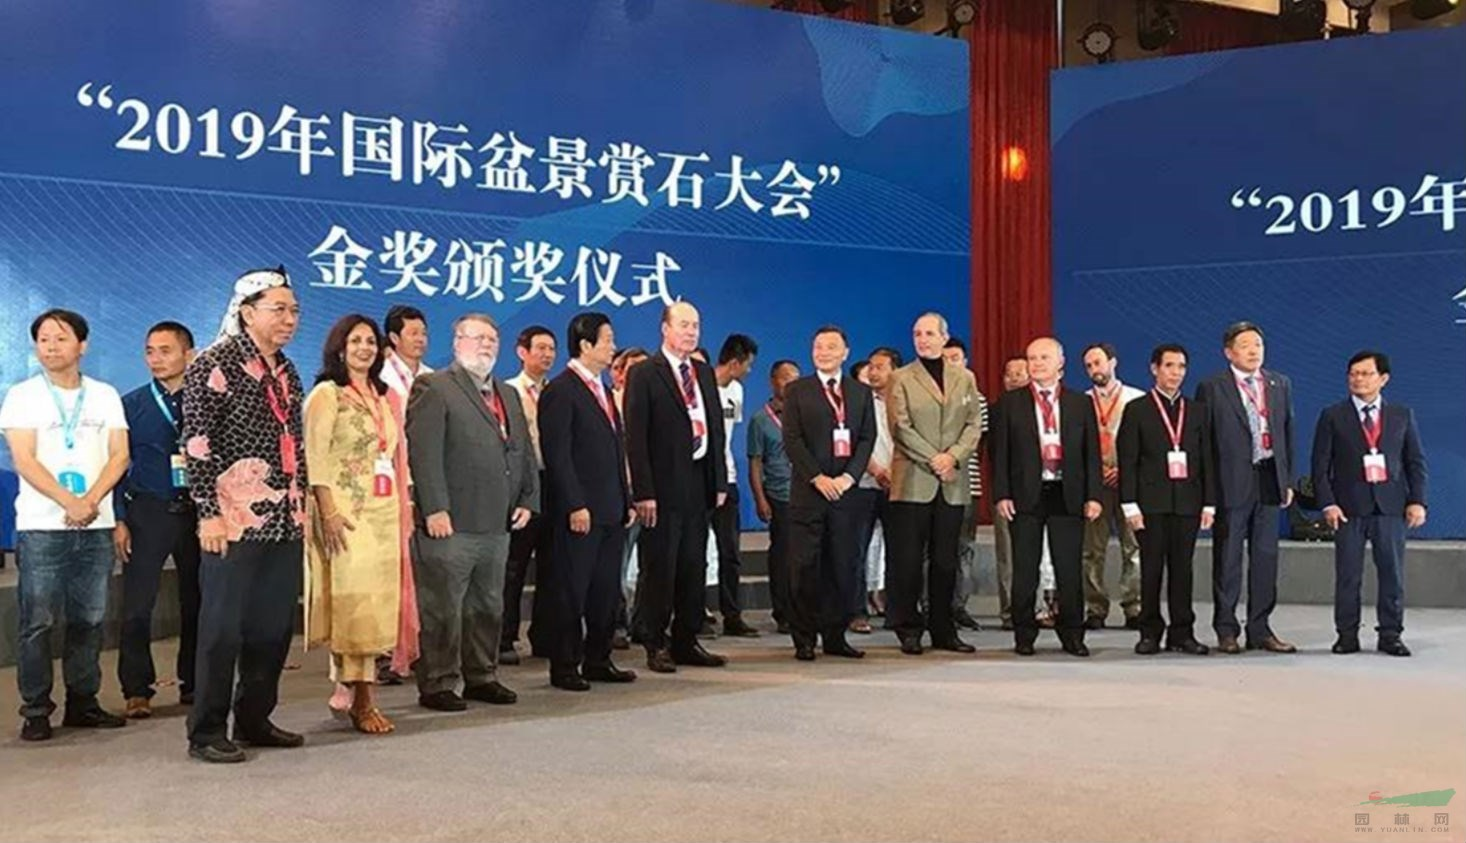 2019年国际盆景赏石大会在贵州隆重开幕